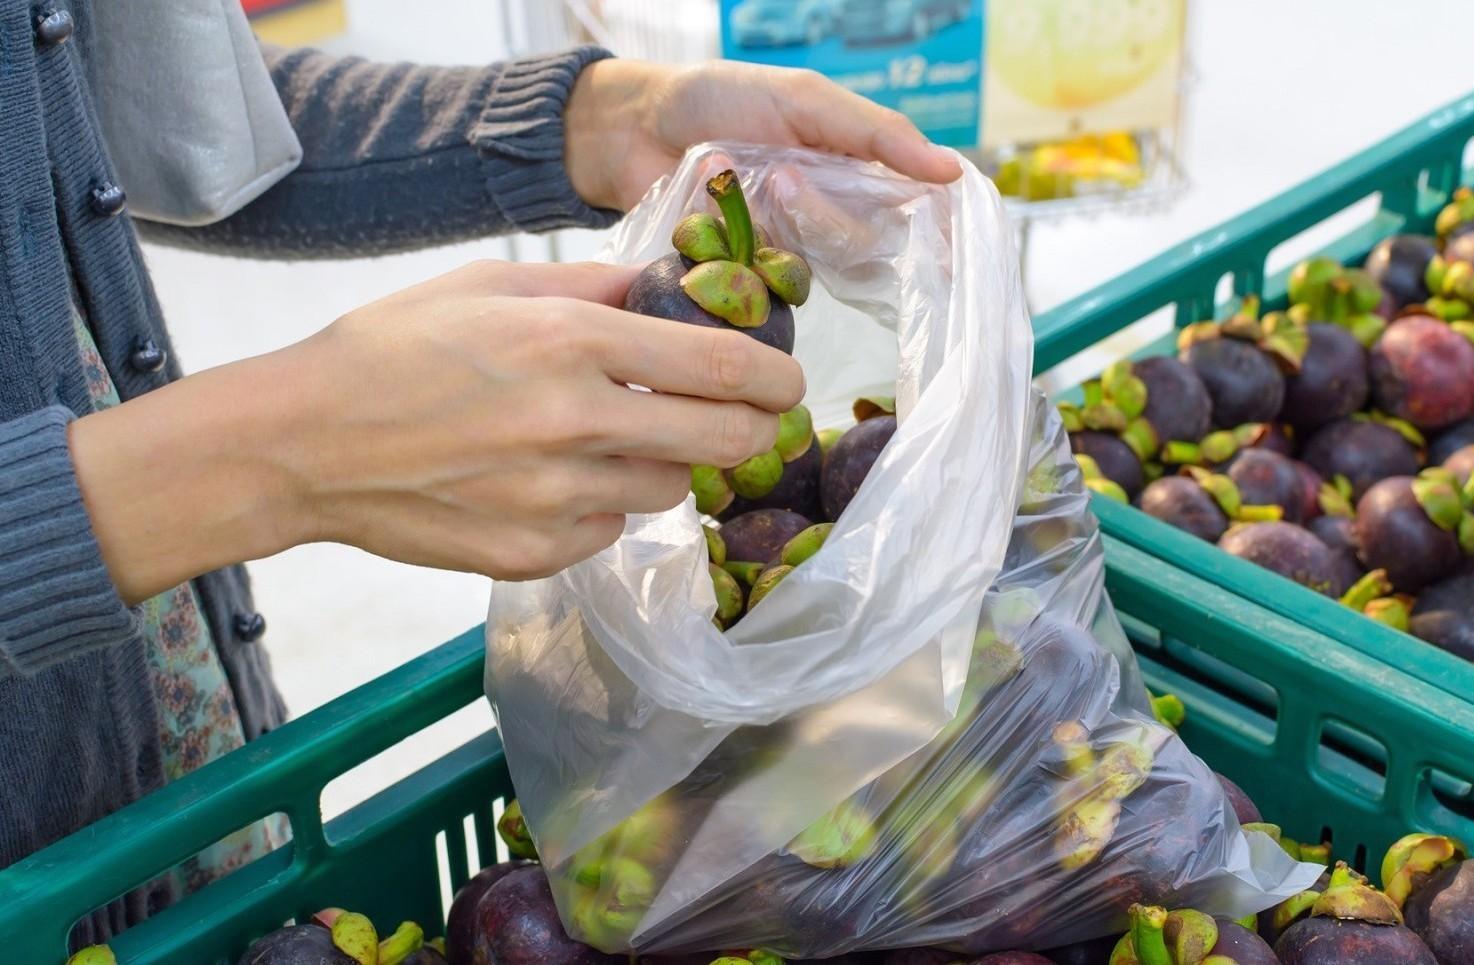 Sacchetti di plastica, frutta e verdura